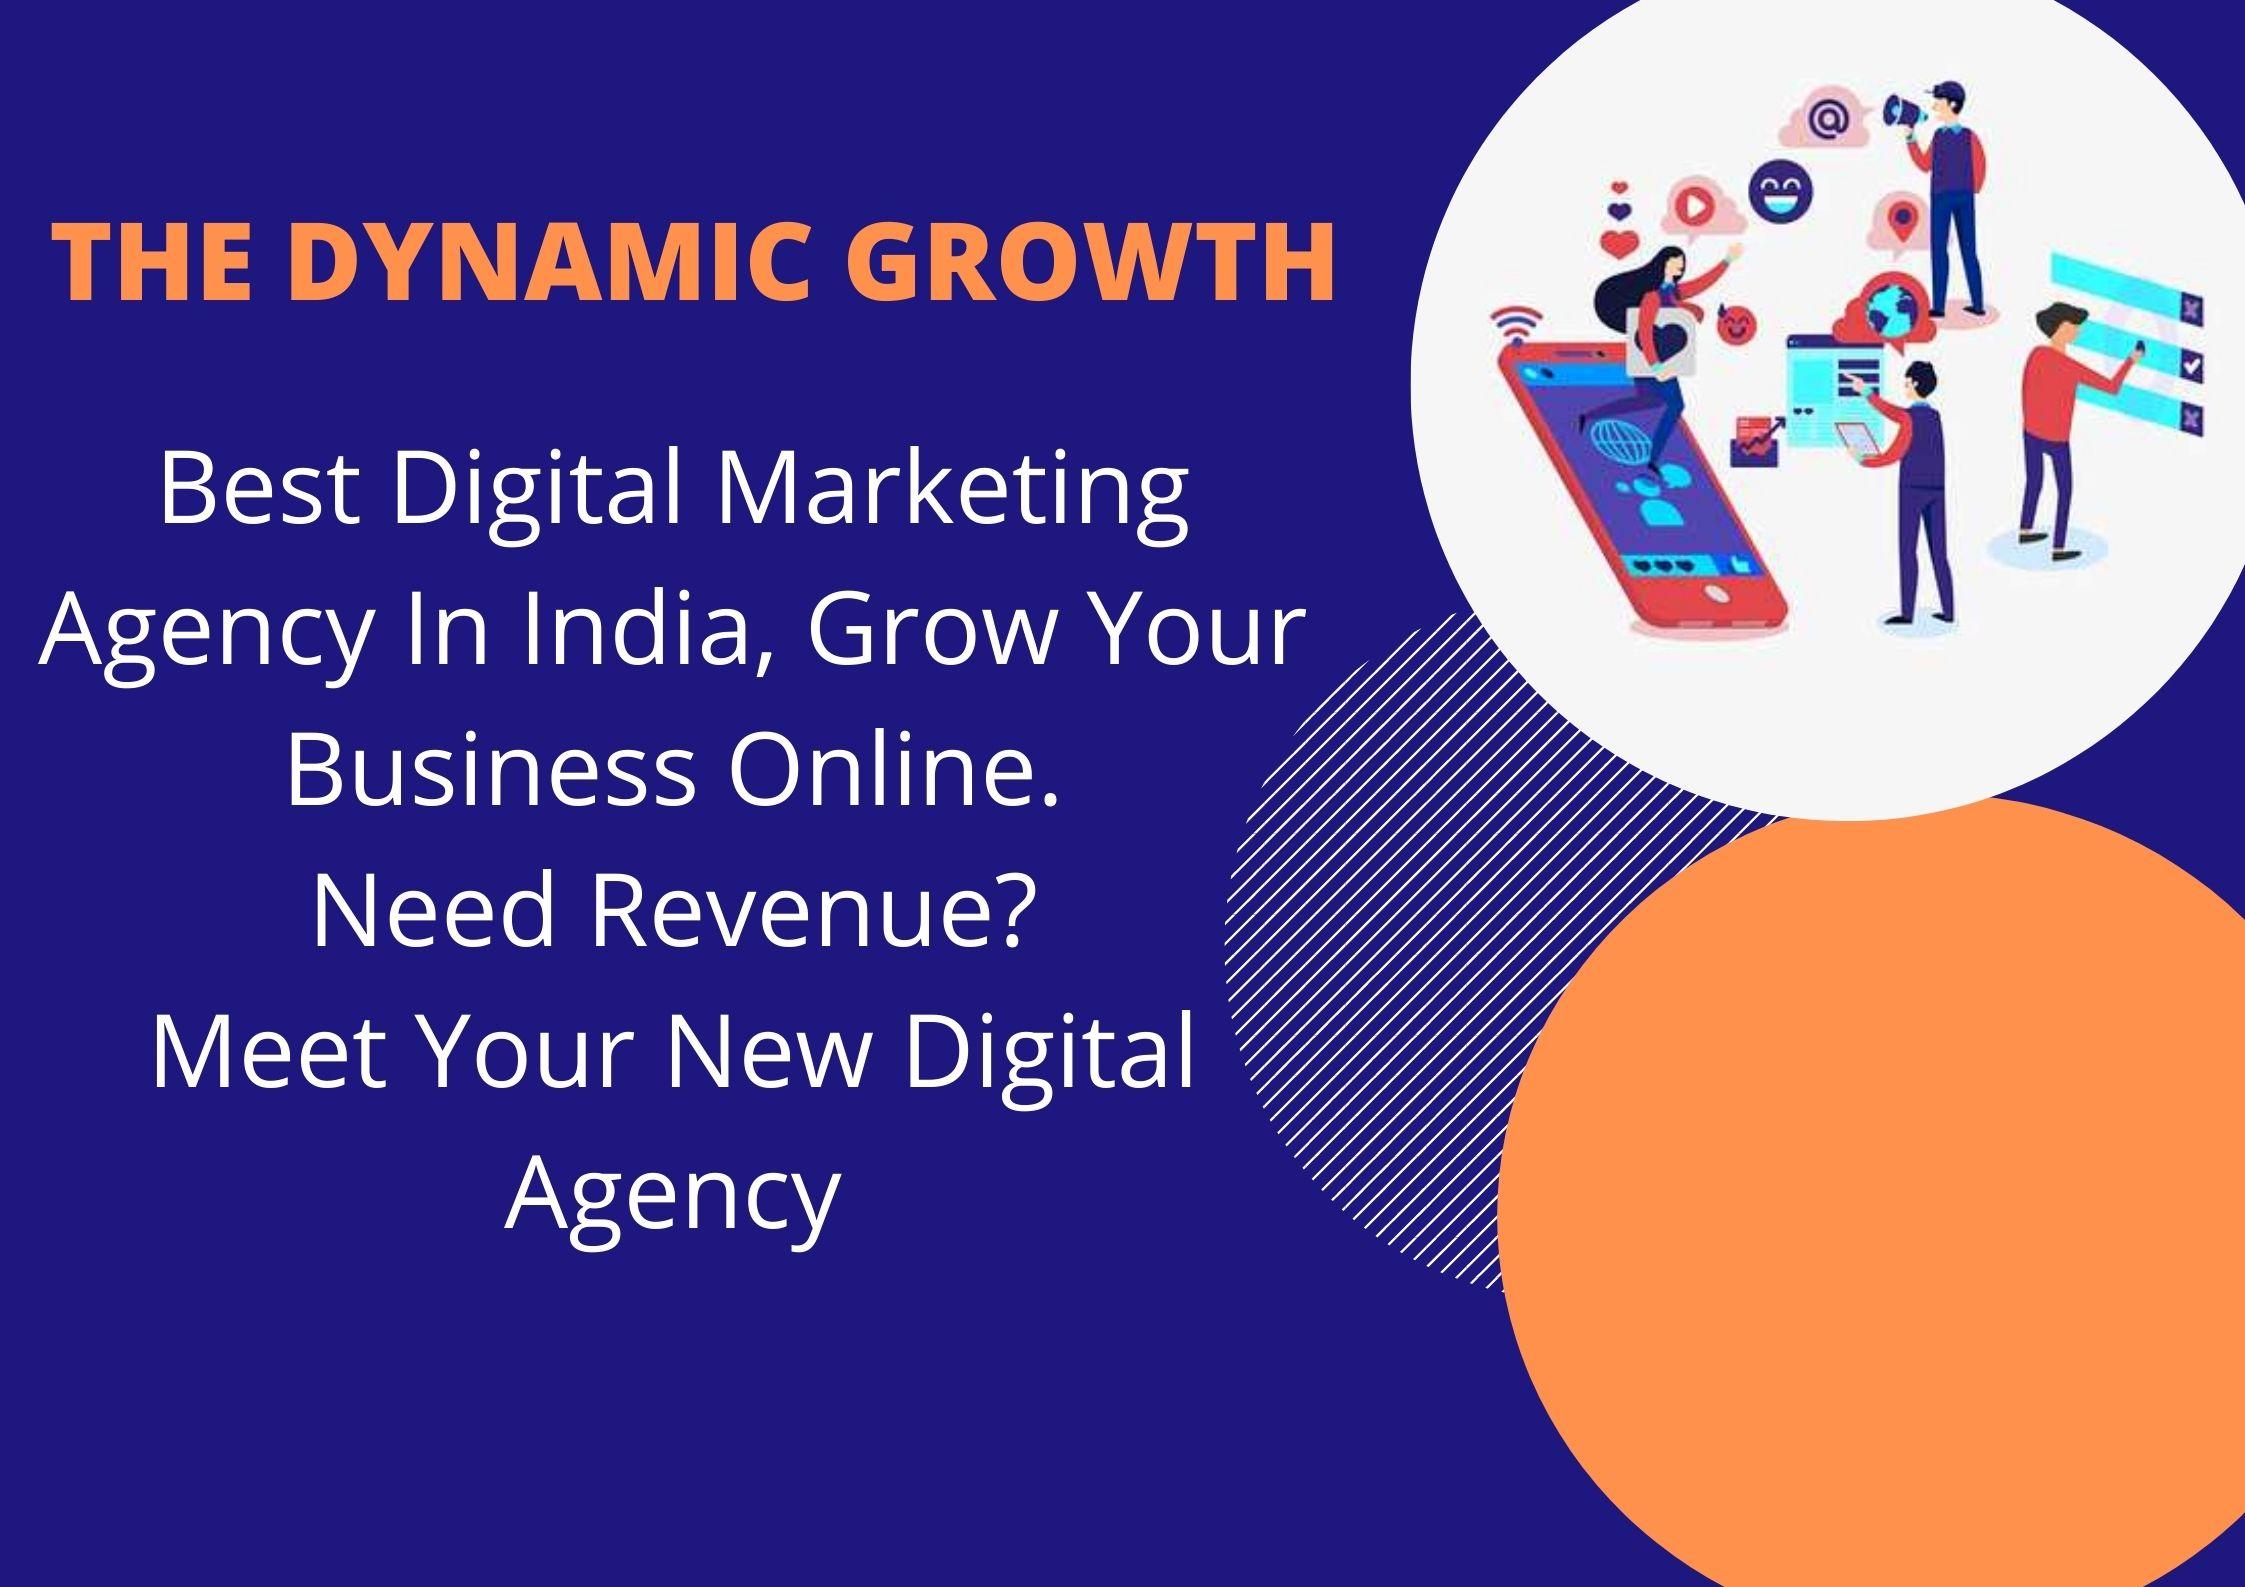 The Dynamic Growth - Digital Marketing Agency